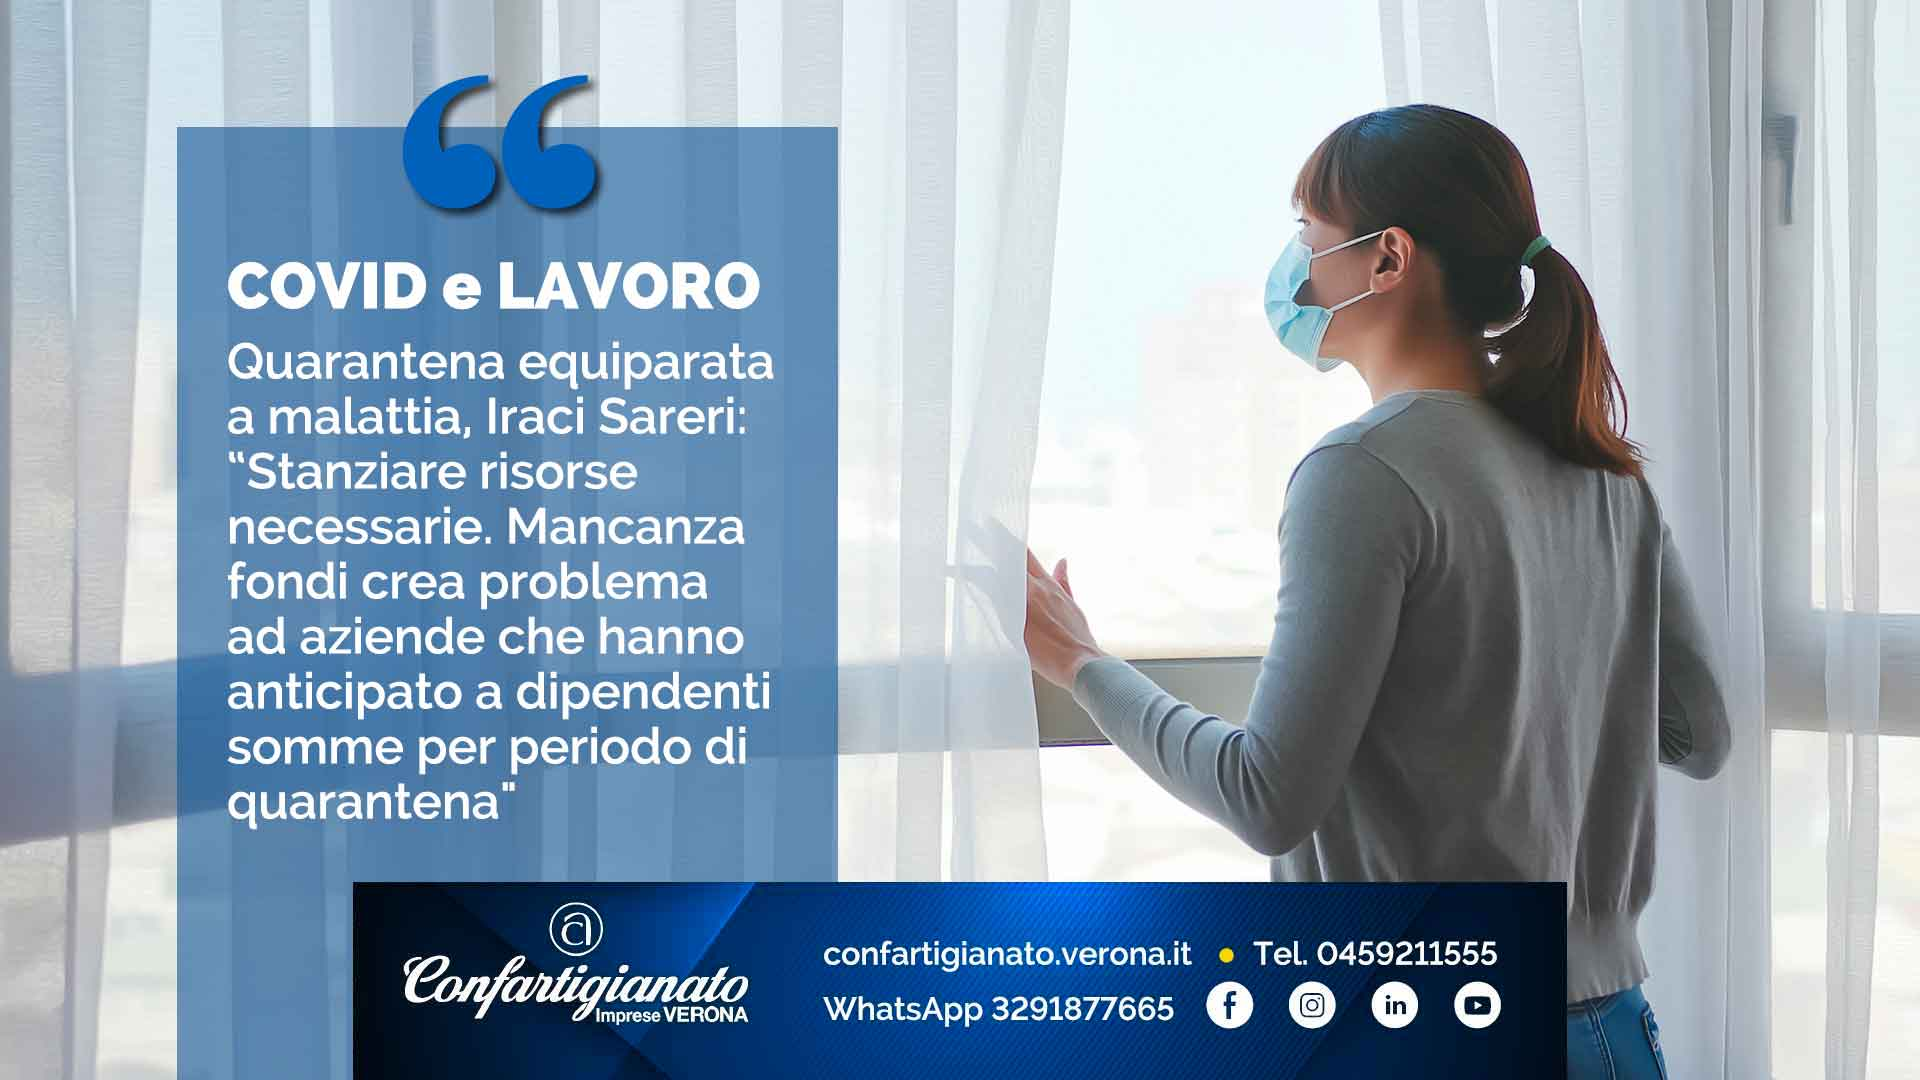 """COVID-19 e LAVORO – Quarantena equiparata a malattia, Iraci Sareri: """"Stanziare risorse necessarie. Mancanza fondi crea problema ad aziende che hanno anticipato a dipendenti somme per periodo di quarantena"""""""